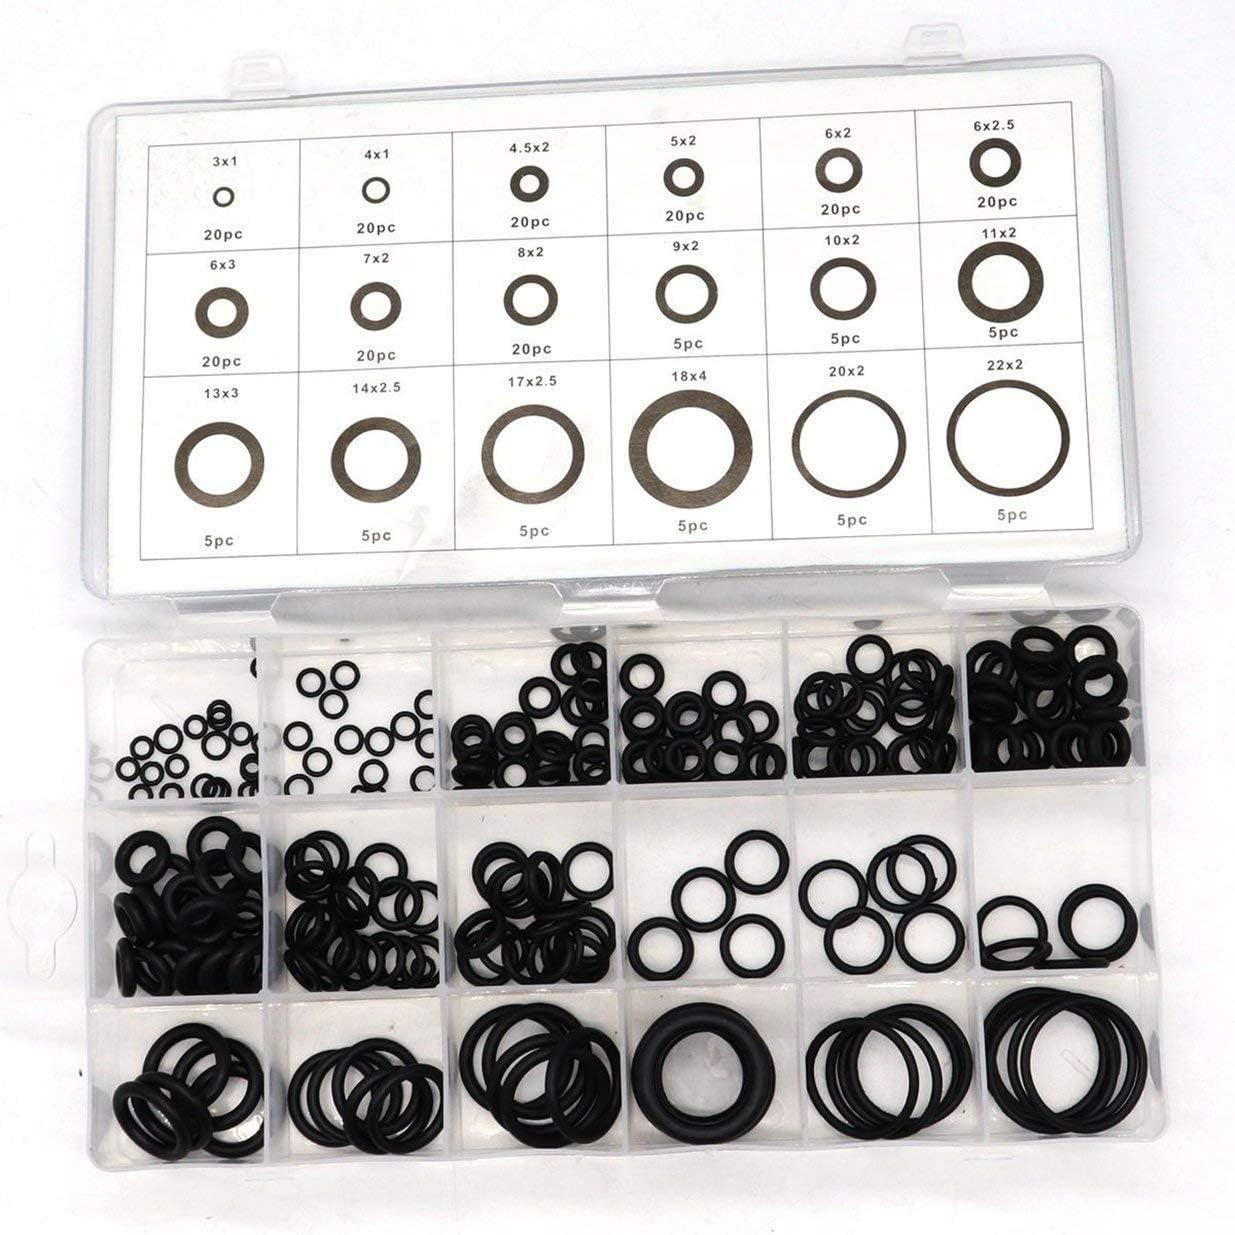 Sairis 201PCS Hot NBR O-Ring 15 Sizes High Quality Metric 70 ...